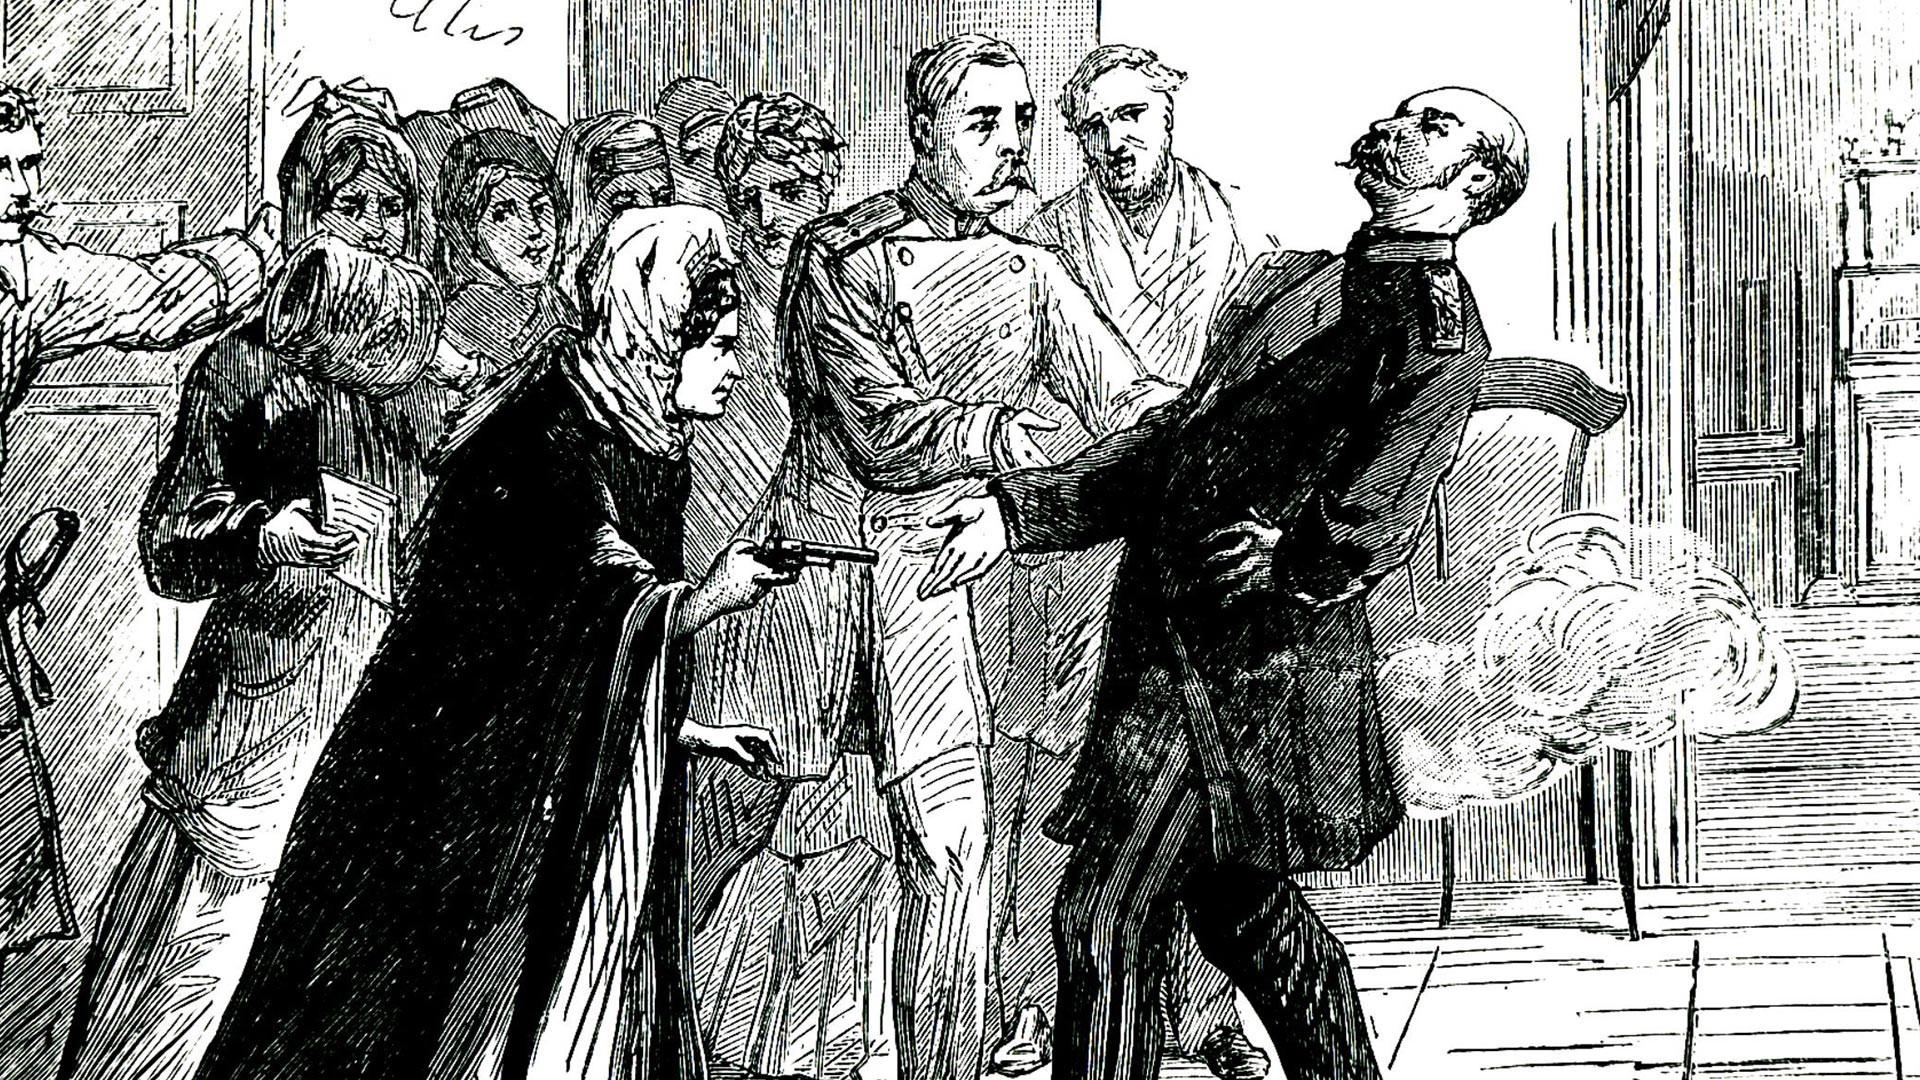 Poskus atentata ruske revolucionarke Vere Zasulič (1849-1919) na načelnika peterburške policije Fjodorja Trepova (1803-1889). Na sojenju jo je porota oprostila.